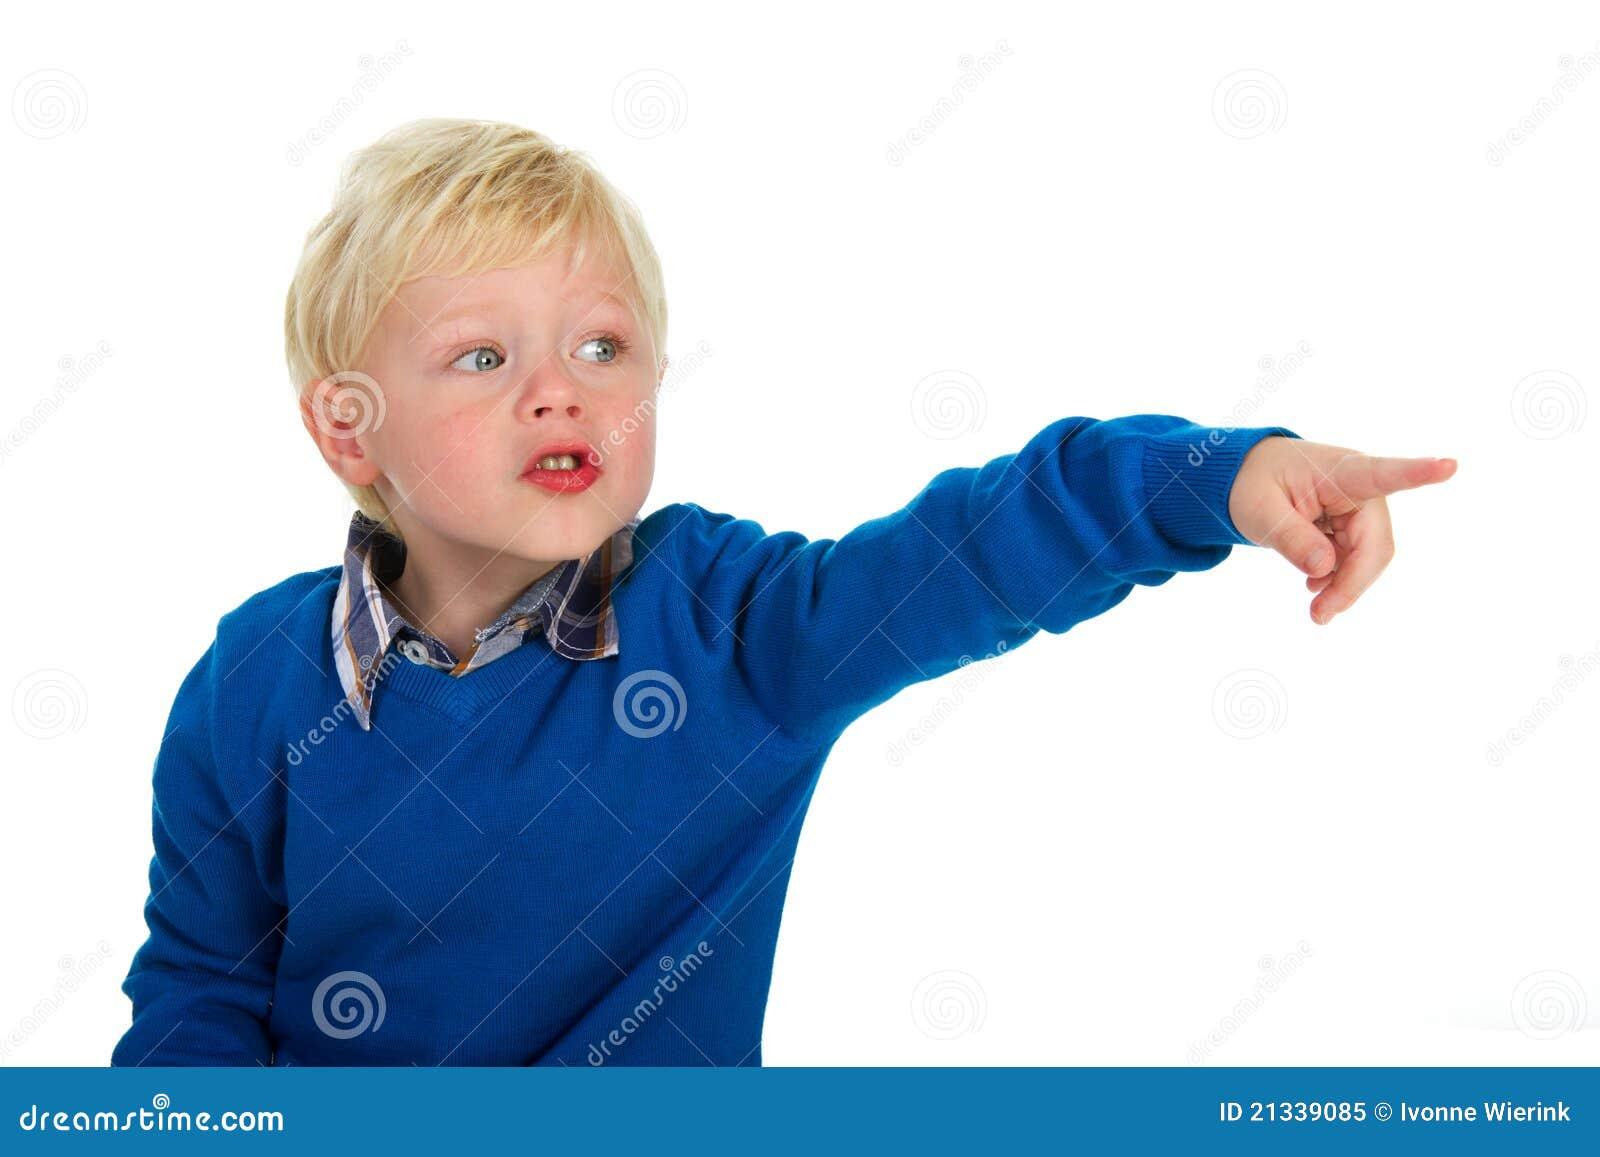 Retrato de un ni o peque o rubio punteagudo foto de - Foto nino pequeno ...